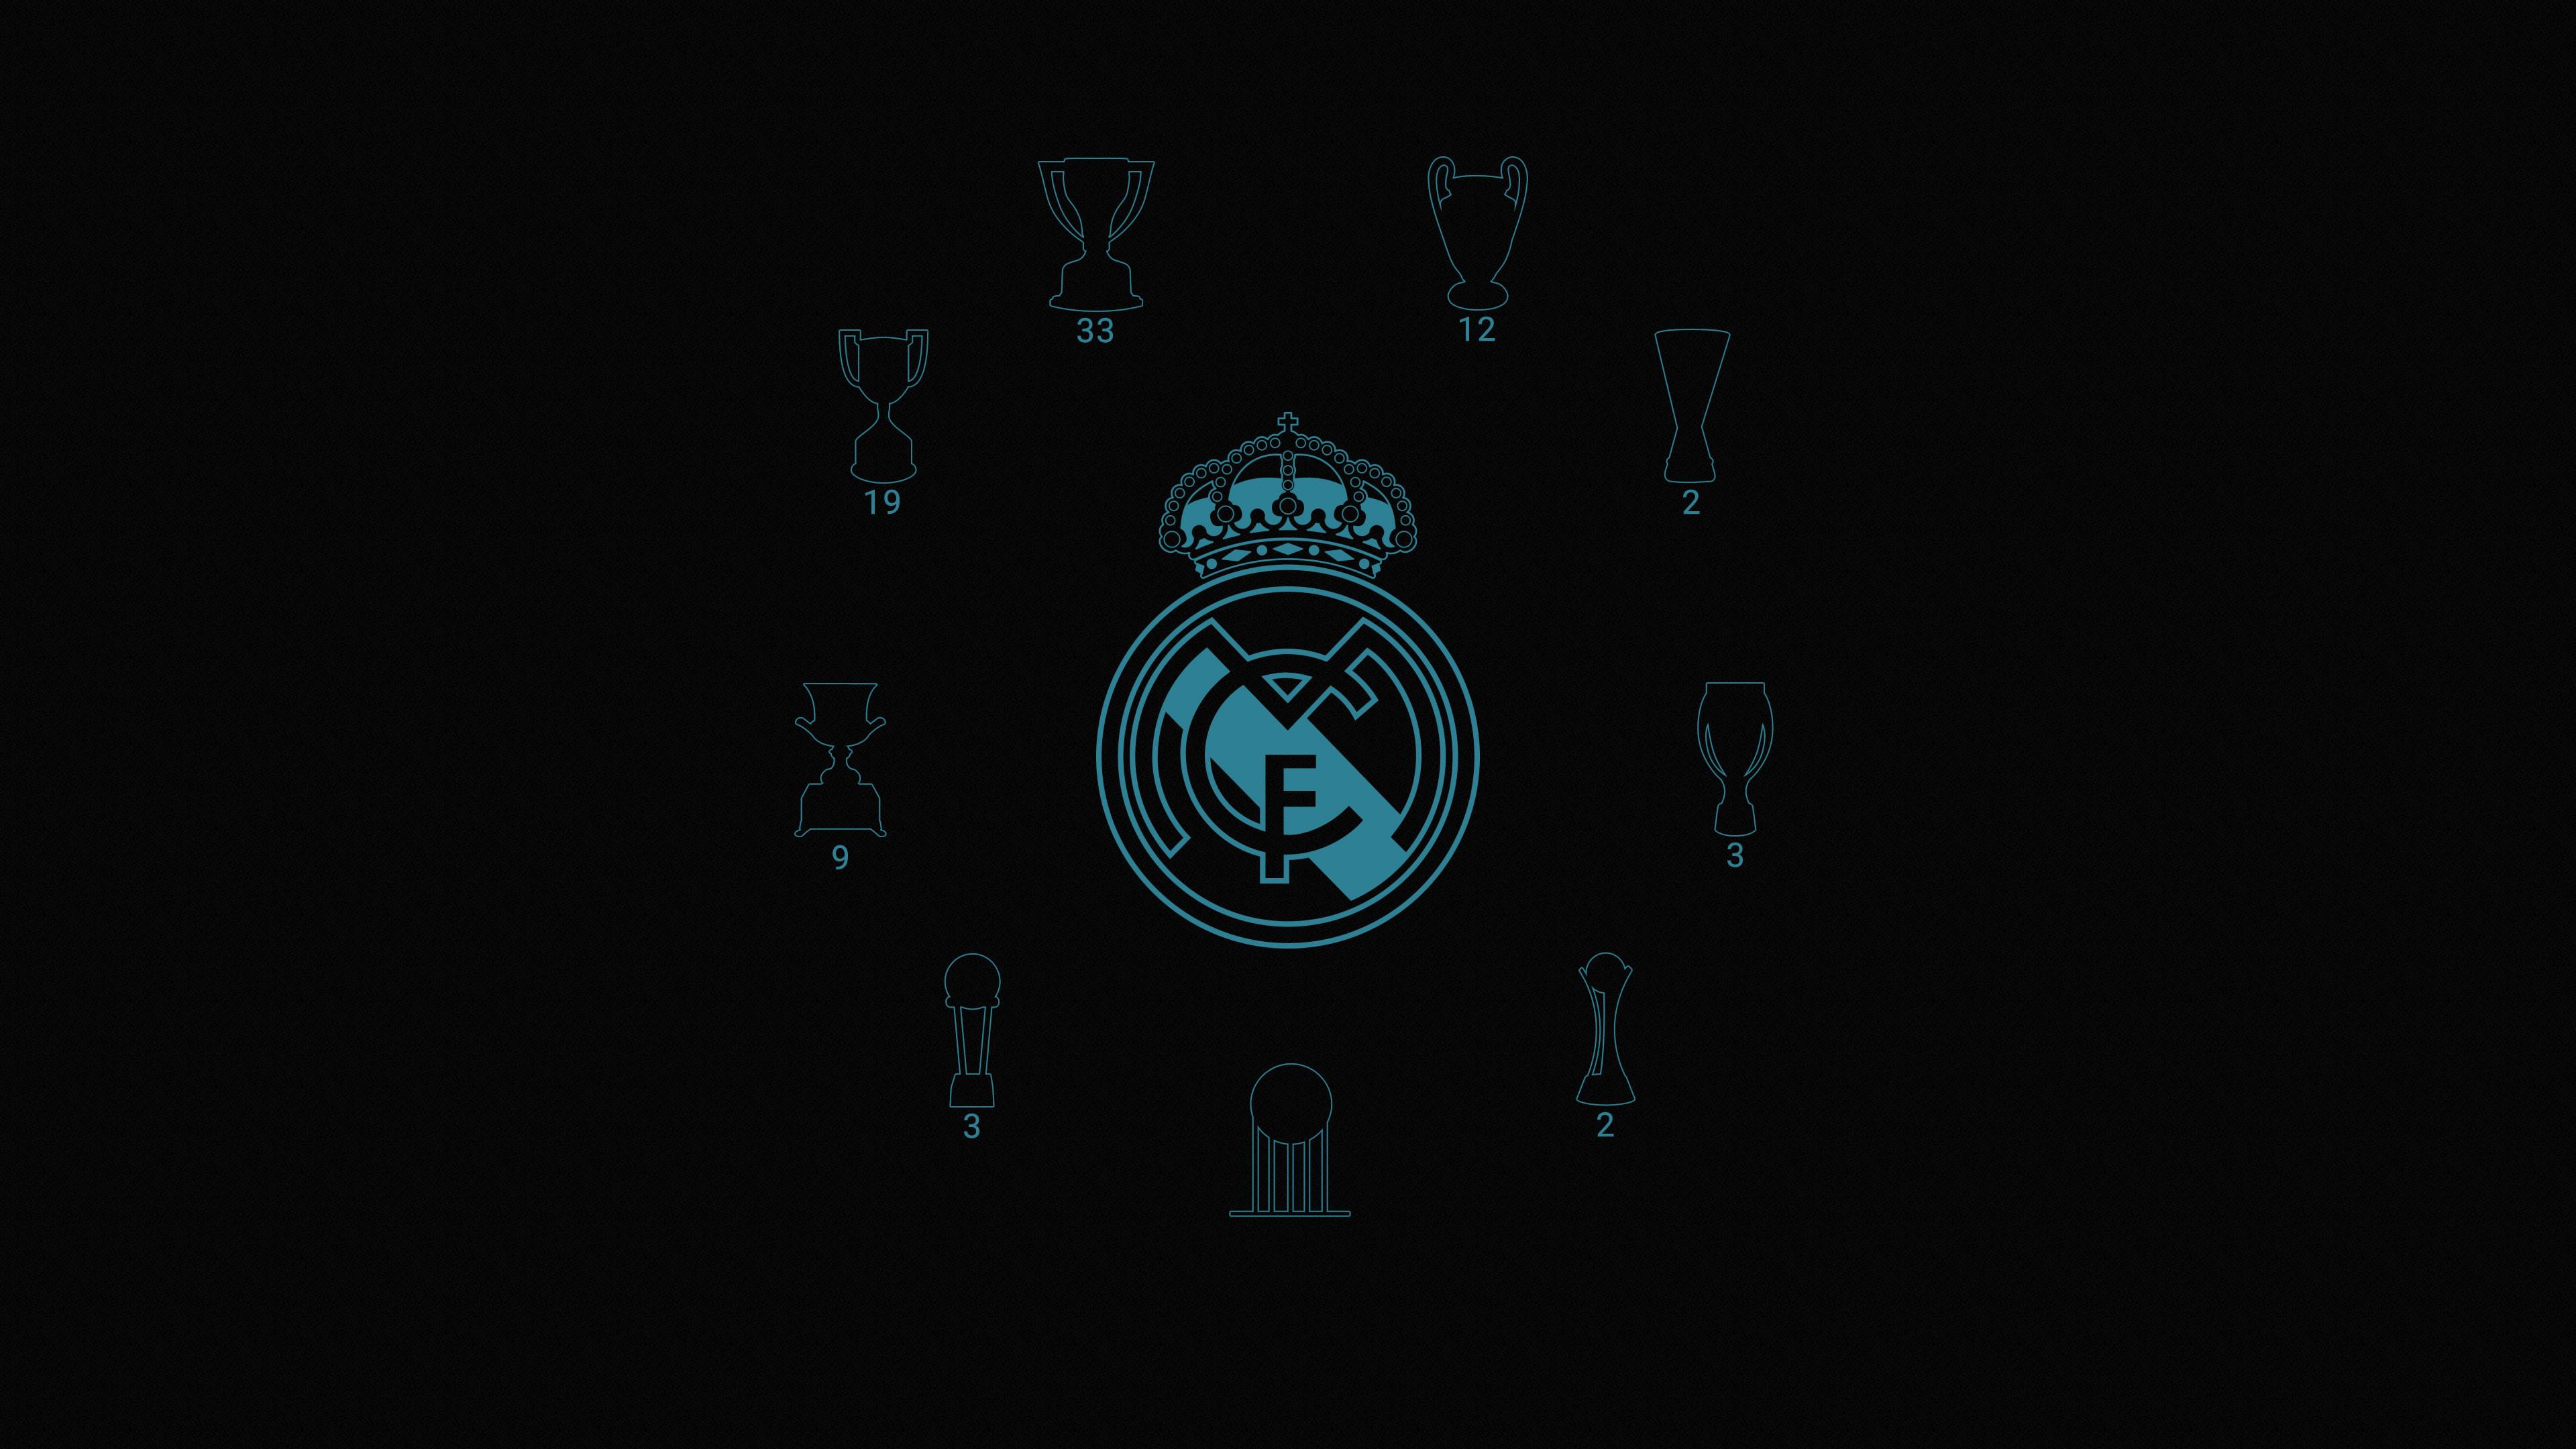 22 Real Madrid Wallpaper Full Hd 2017 On Wallpapersafari